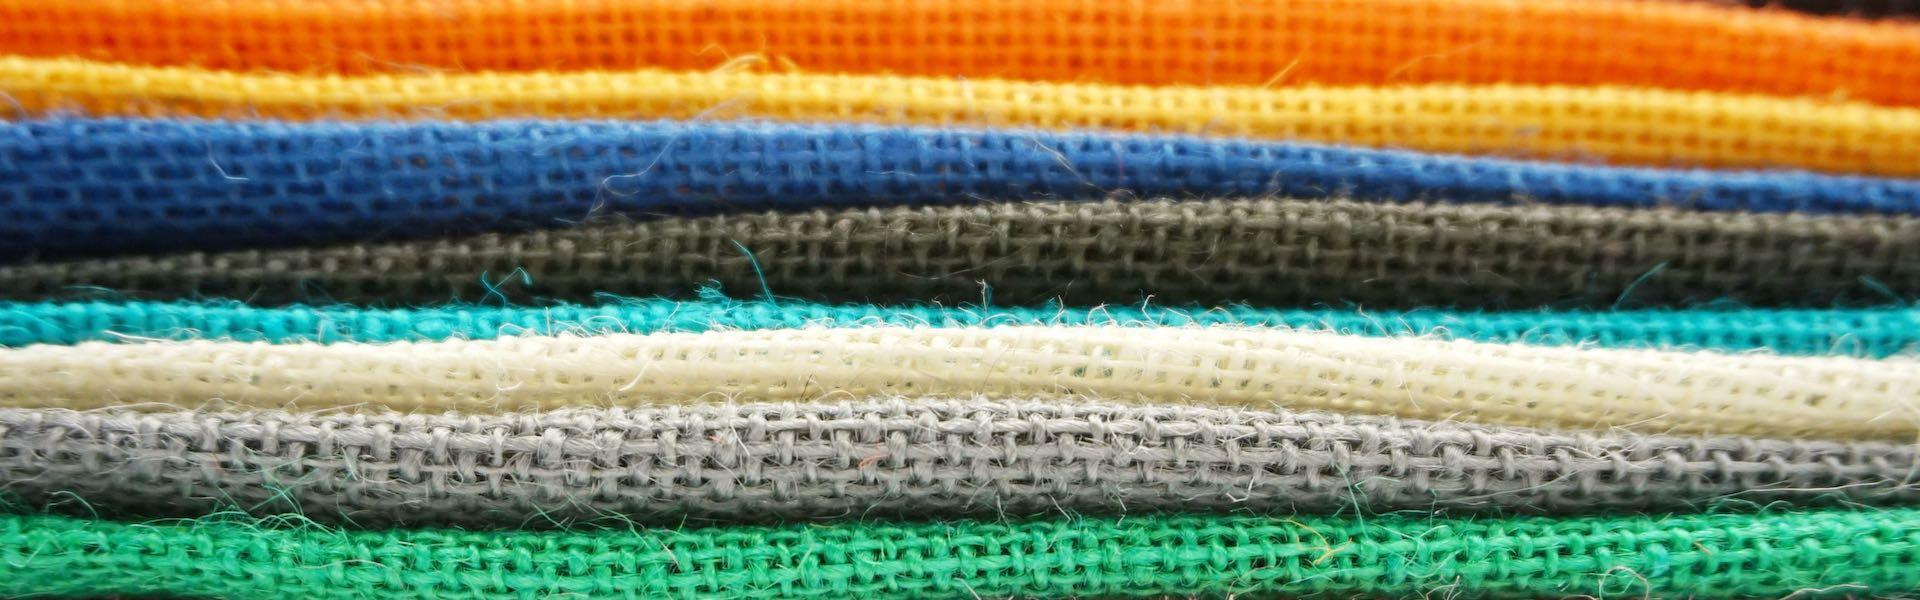 Λινάτσα σε χρώματα